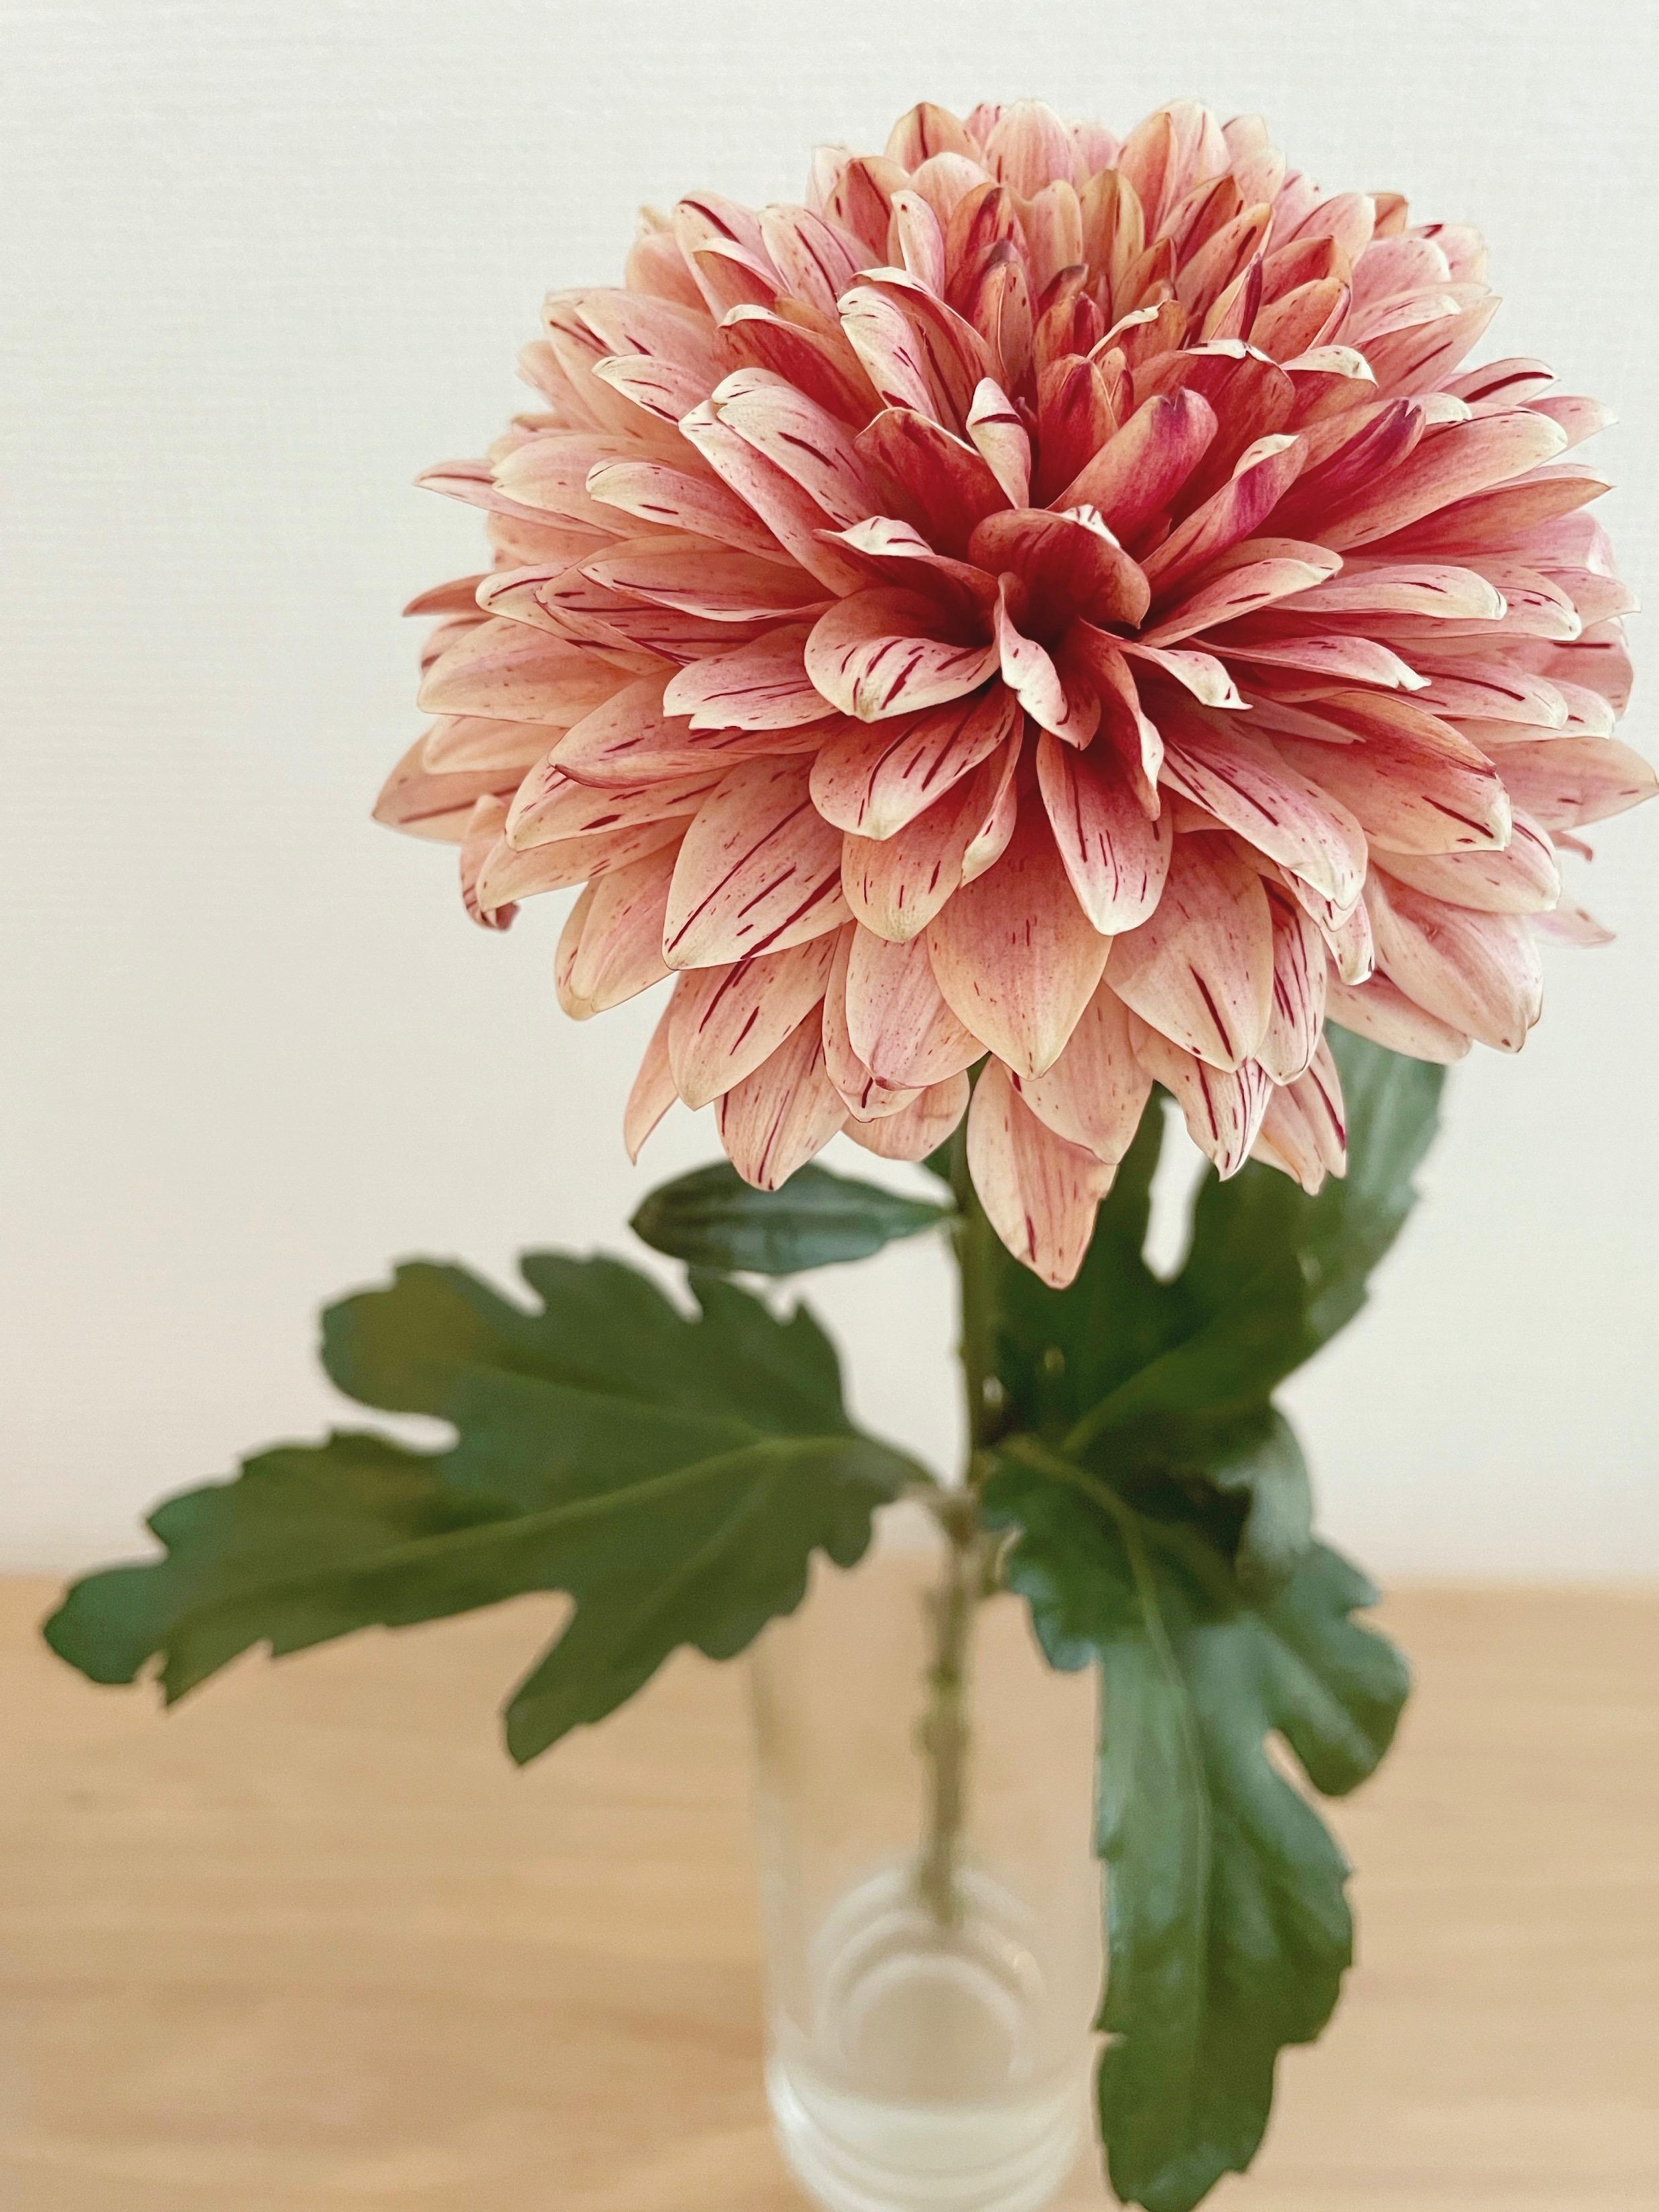 【おうち時間】お部屋に花を取り入れて癒し空間に♡_2